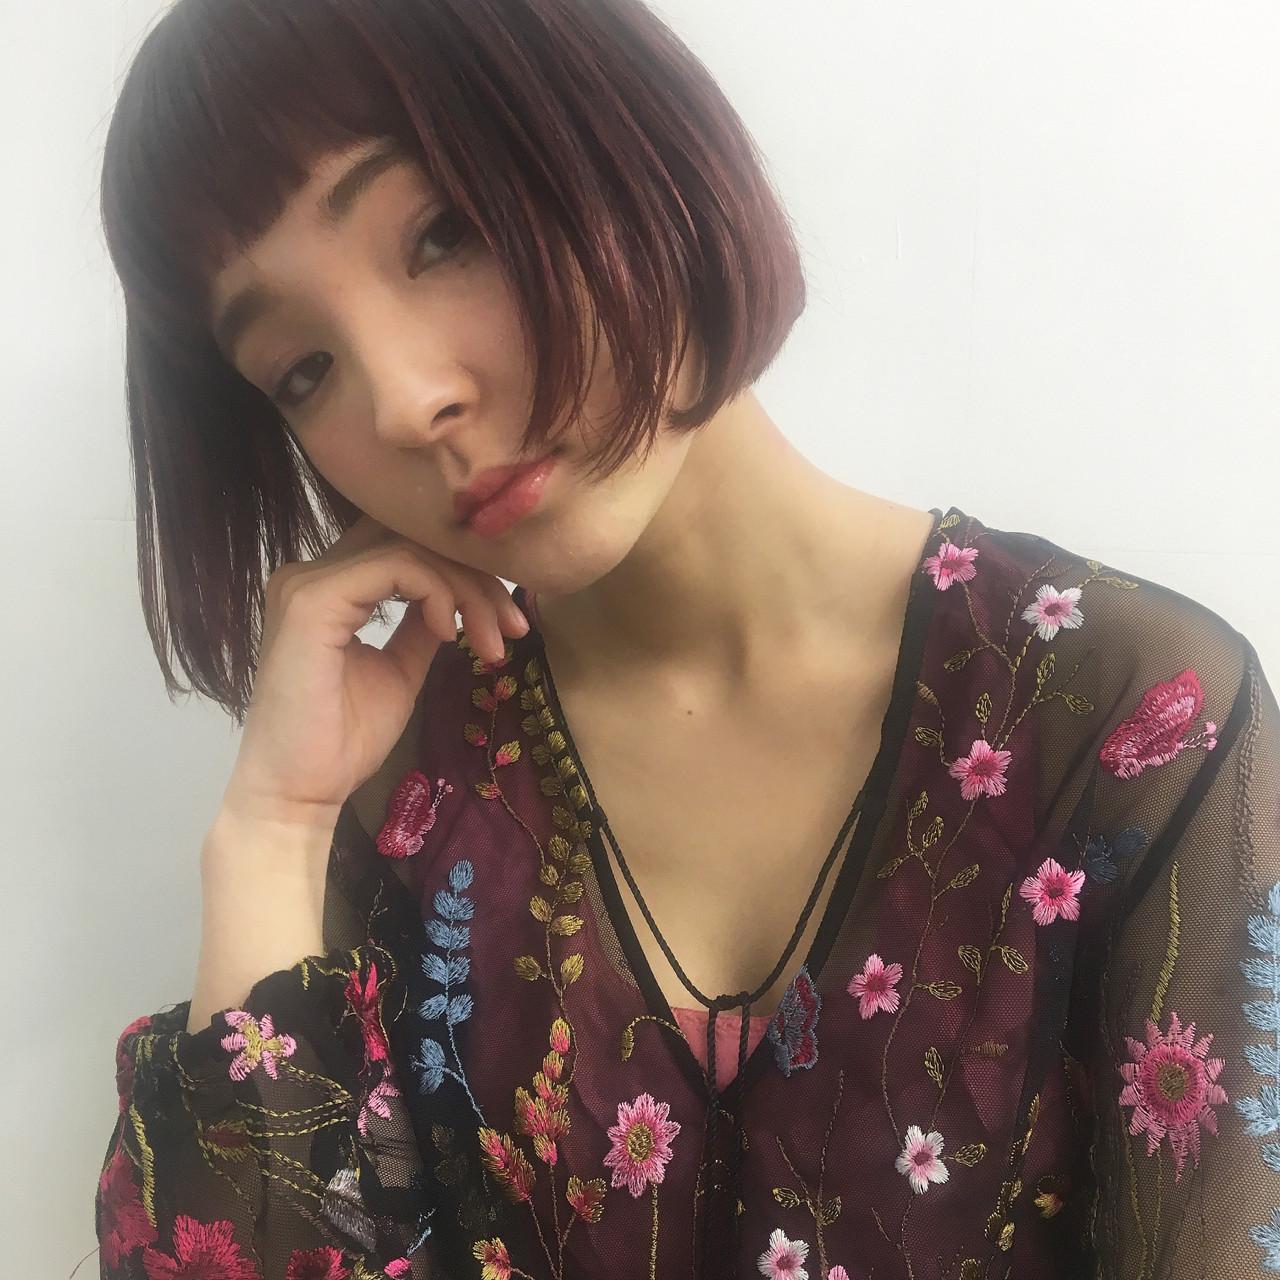 レッド ダブルカラー インナーカラー ボブ ヘアスタイルや髪型の写真・画像 | 彩華 / FLOWERS